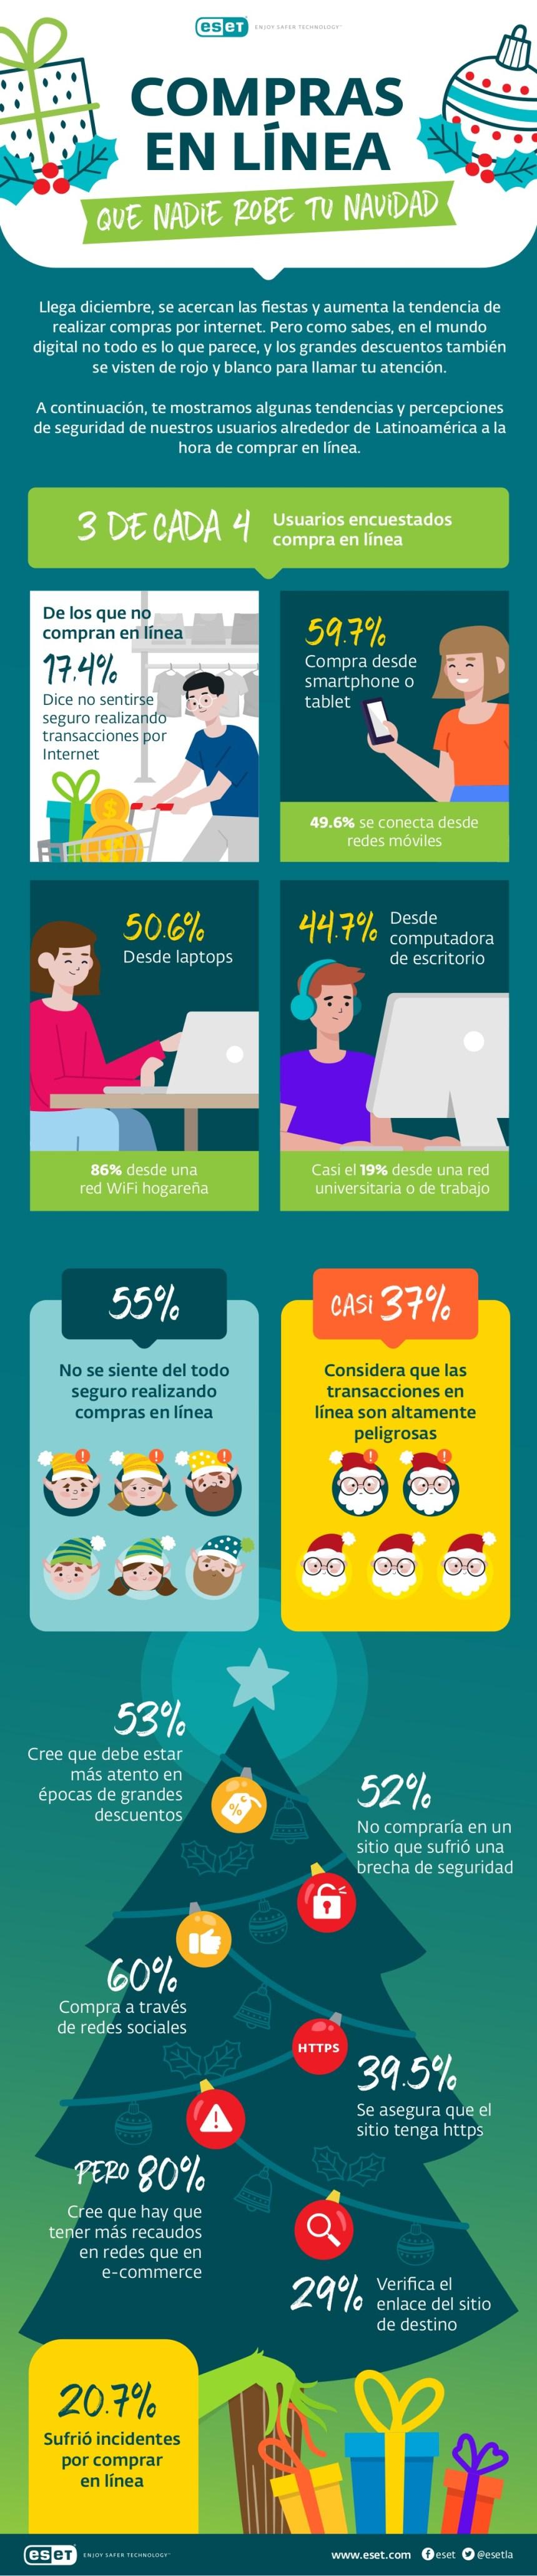 Compras online en Navidad en Latinoamérica